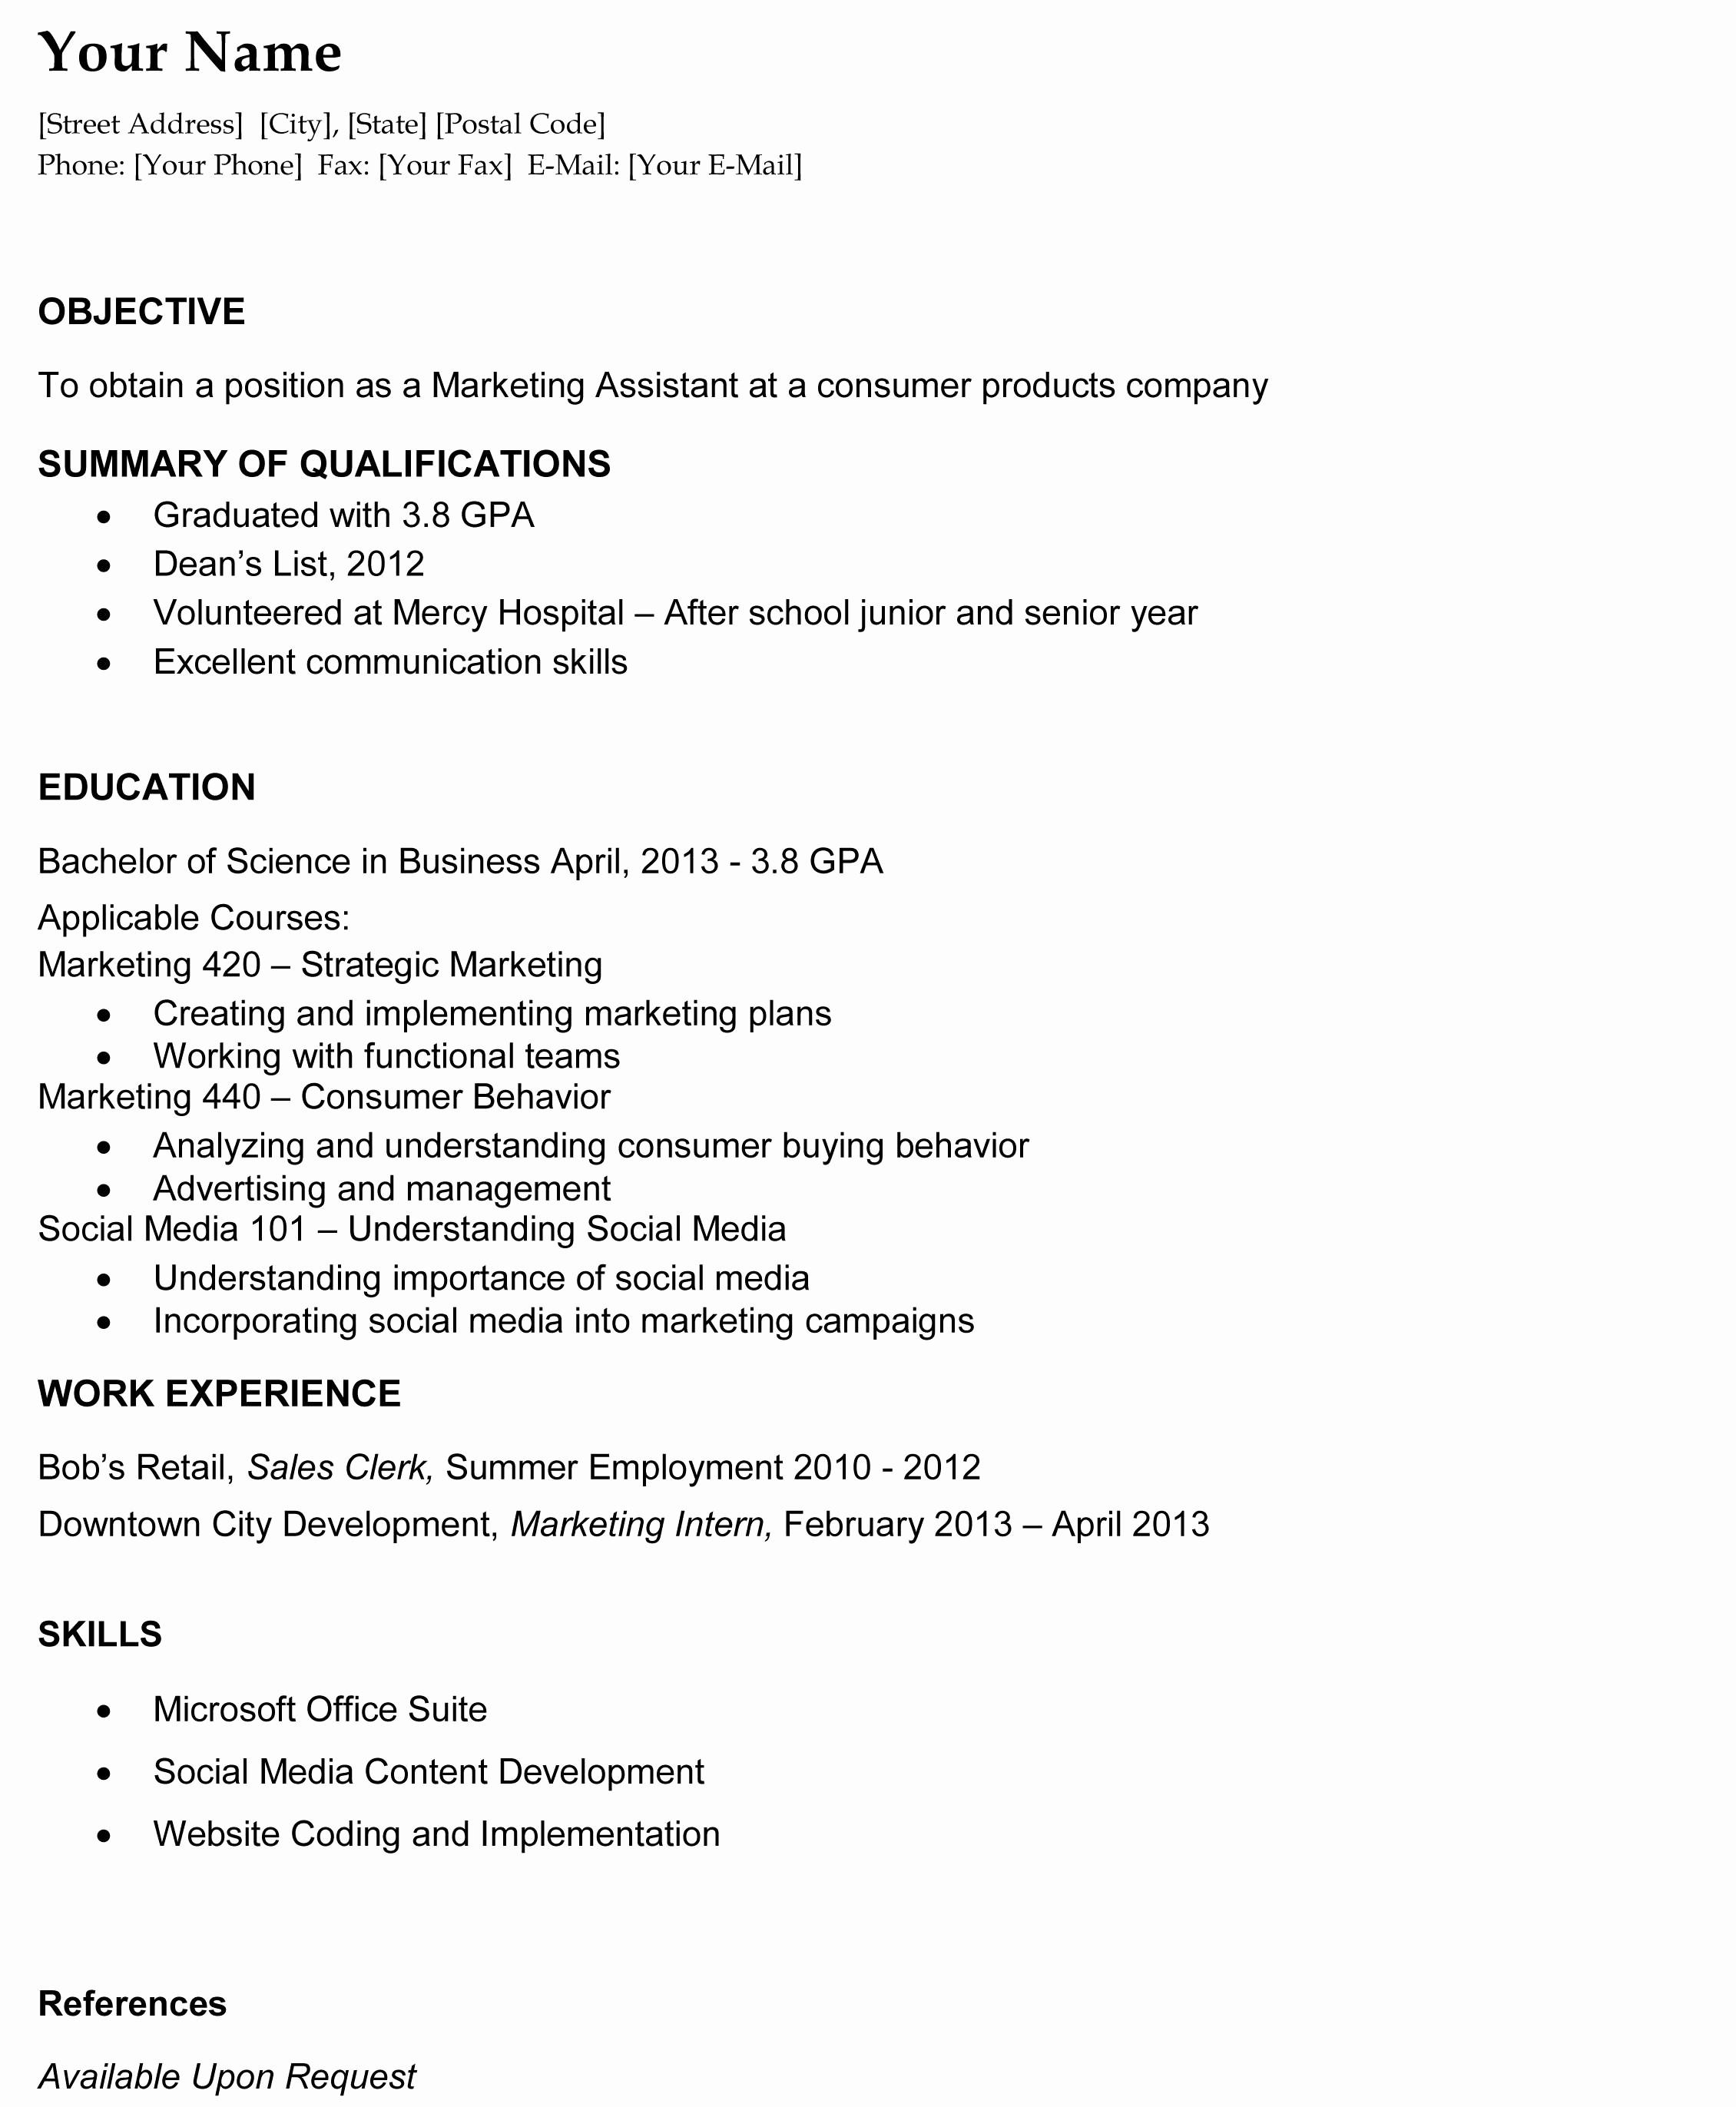 Resume for Recent College Grads Unique Recent College Graduate Resume the Resume Template Site